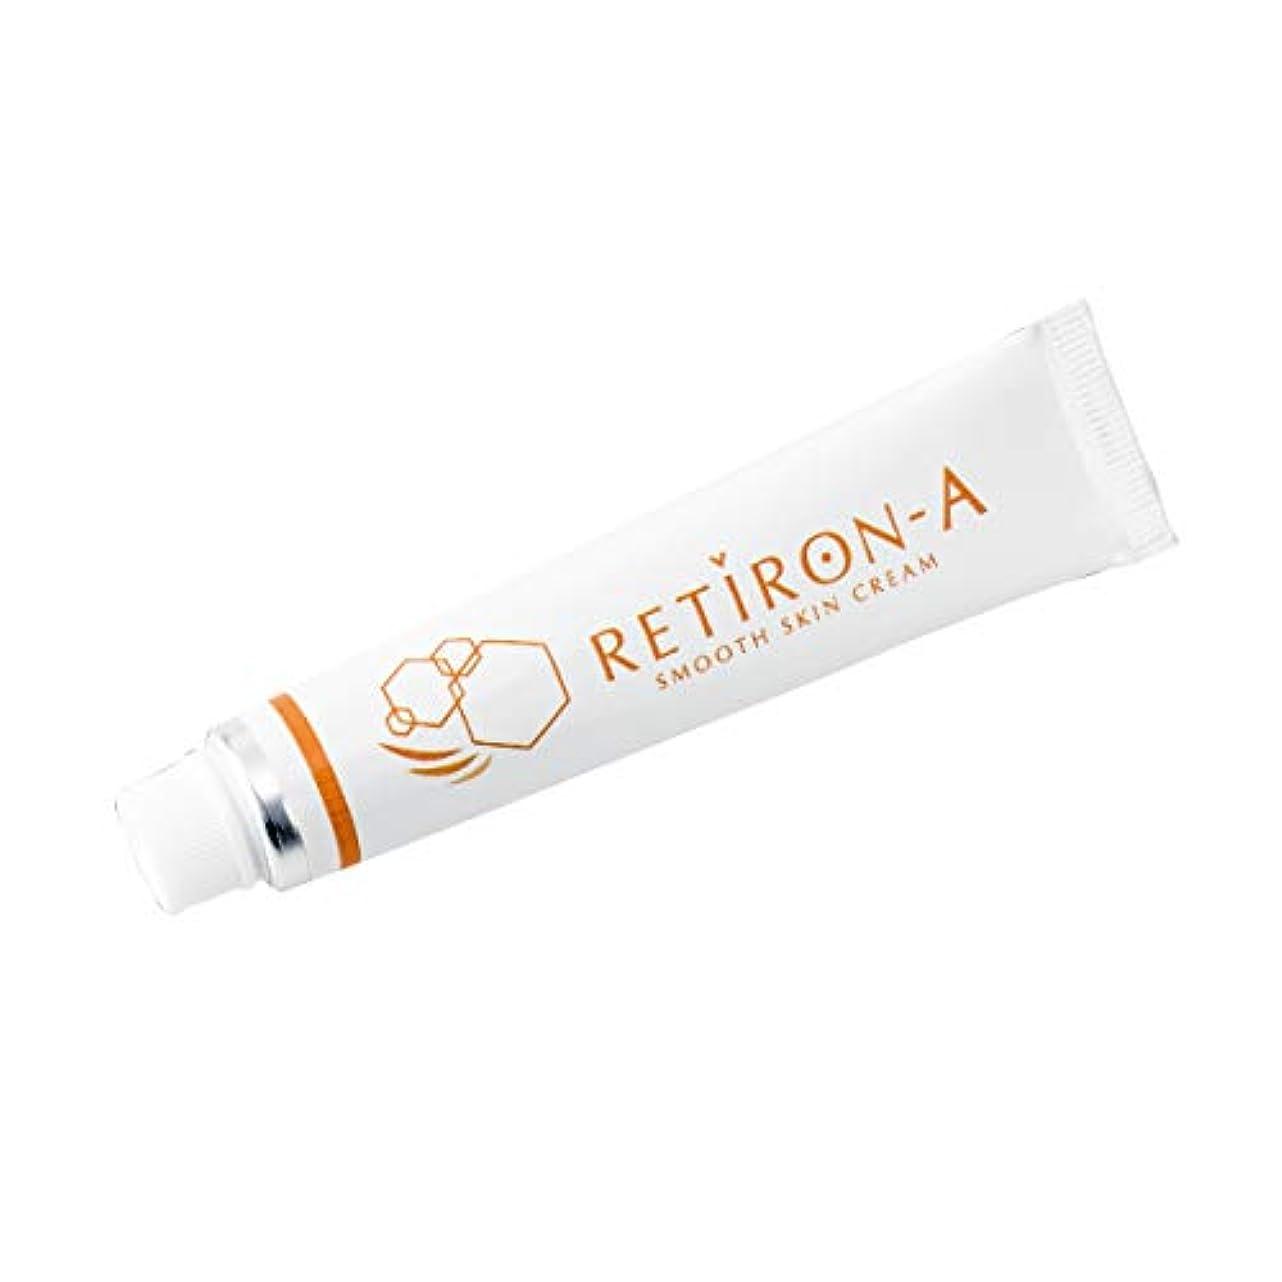 知覚できる雄弁ないつでもクリーム 化粧品 レチノール配合 レチロンA パラベンフリー